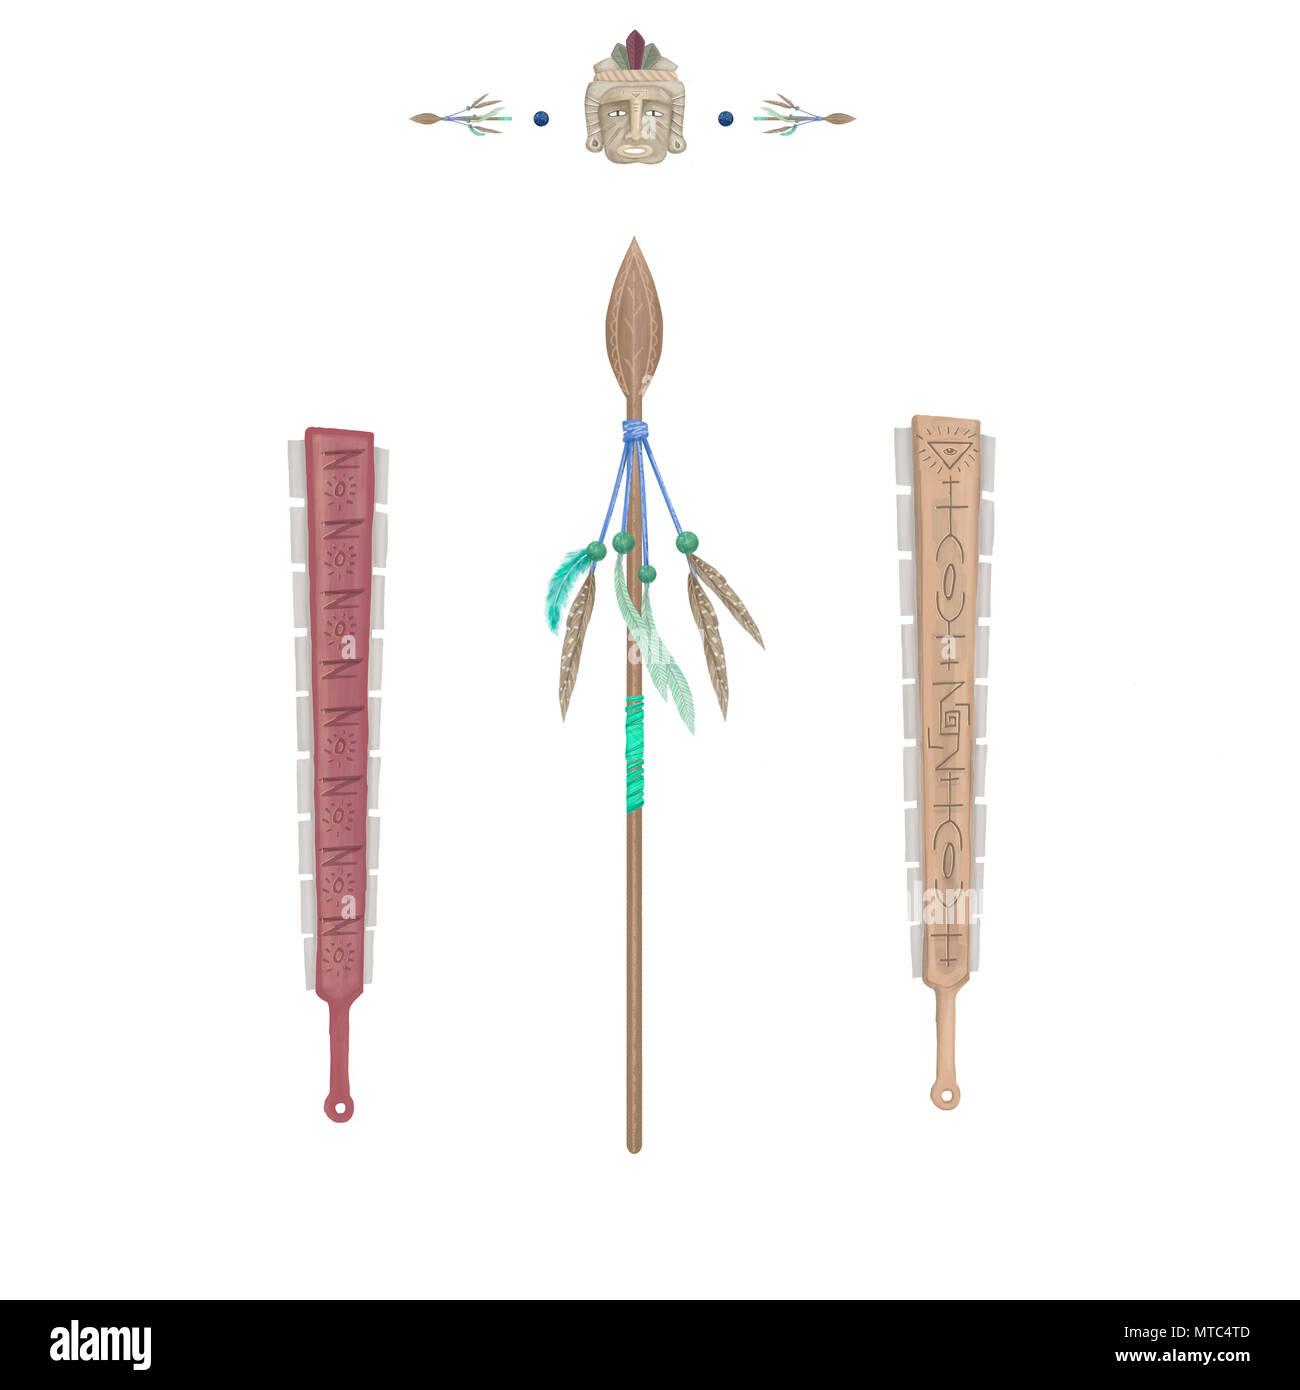 Lancia le armi con le piume clip art illustrazione tribale disegno digitale indiani attrezzo su sfondo bianco Immagini Stock